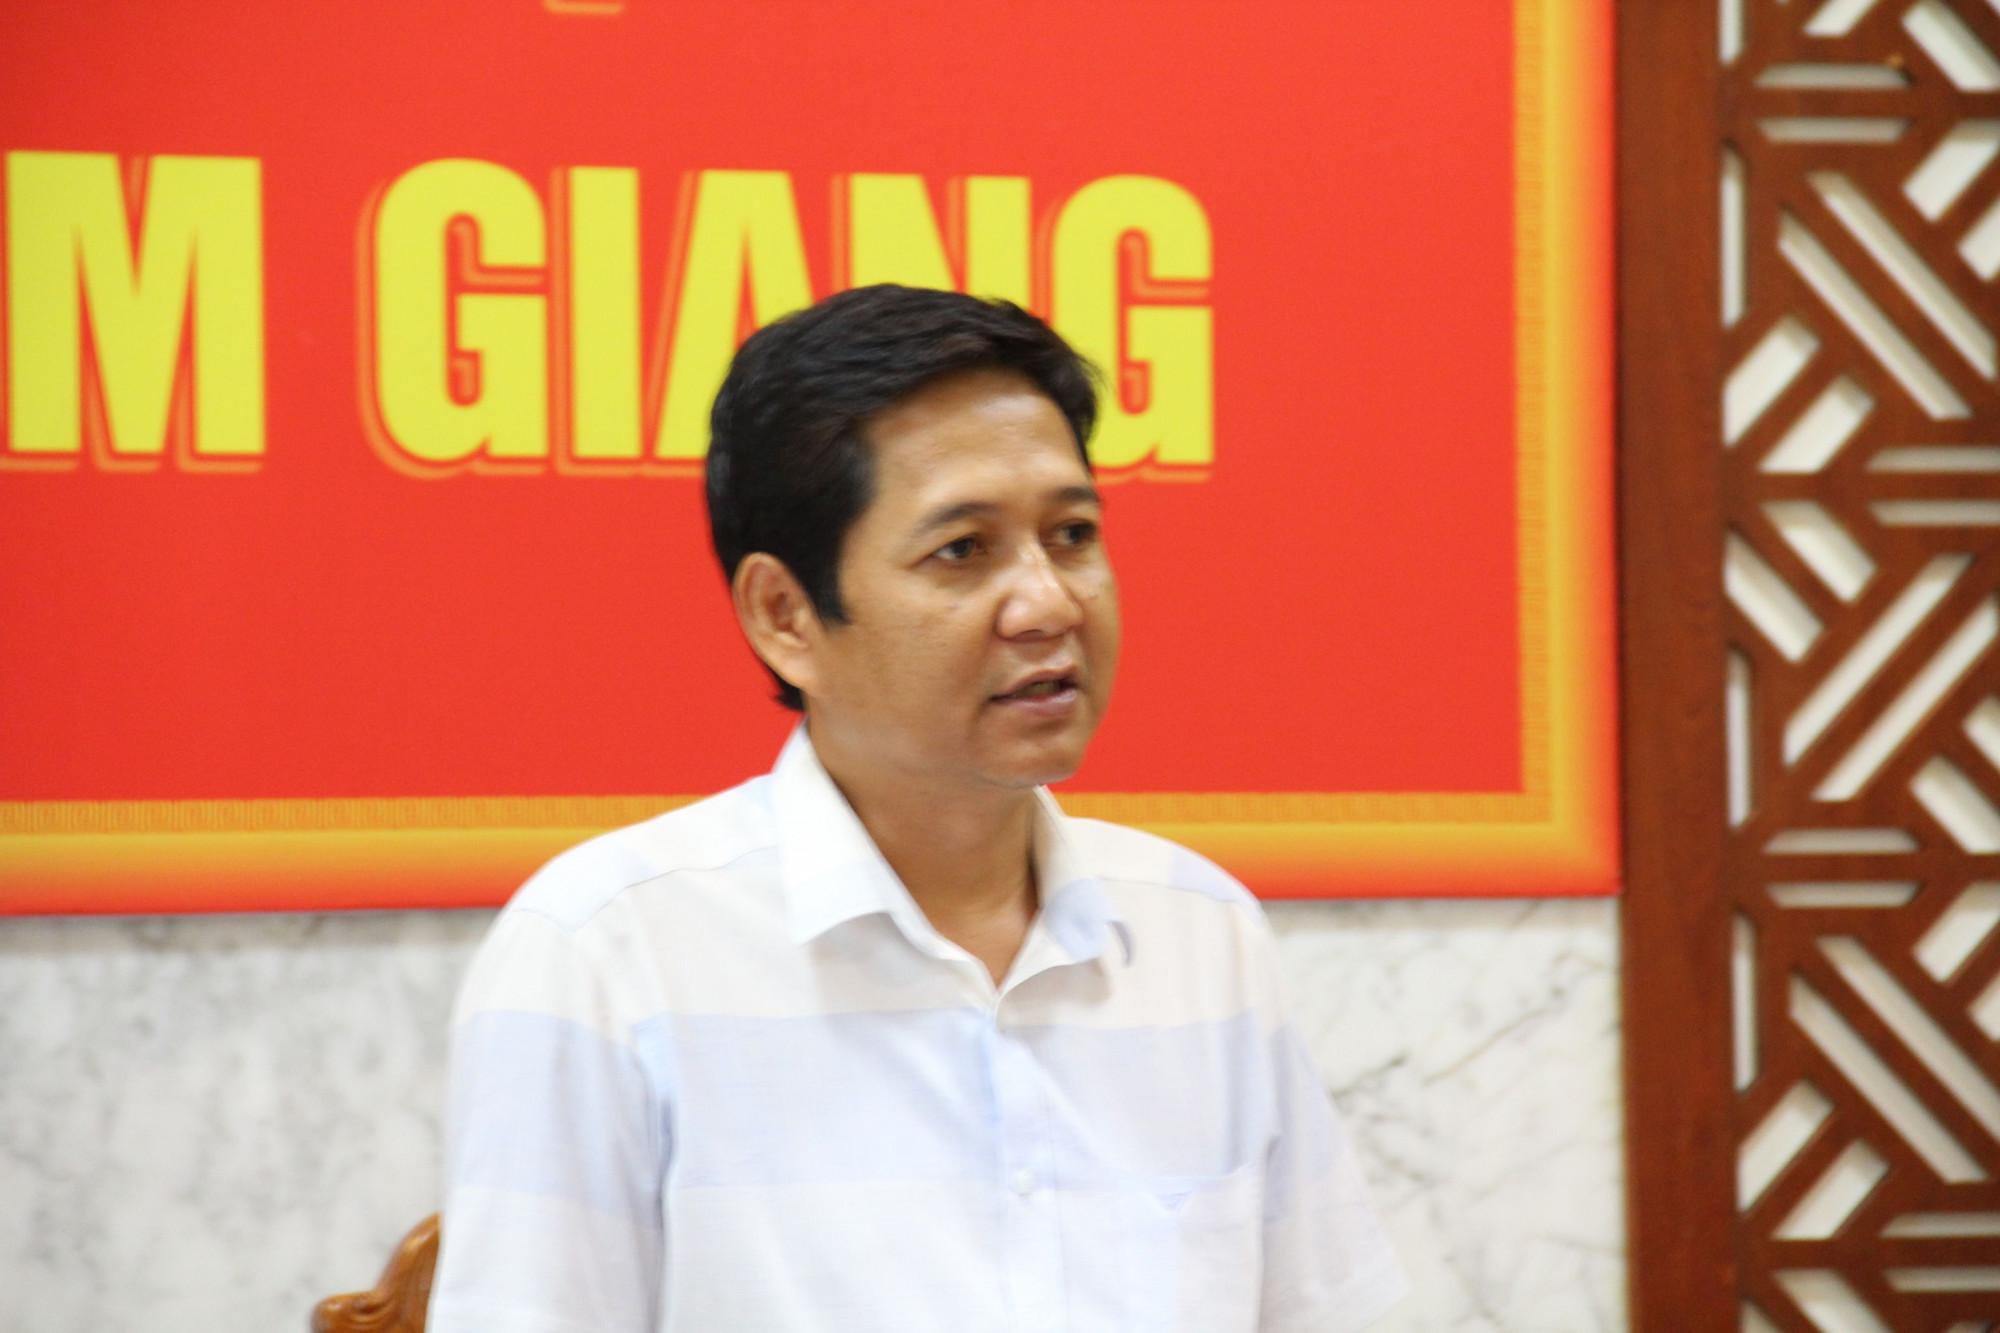 Theo ông Sơn, ảnh hưởng của bão số 5, trên địa bàn huyện cũng có mưa nhưng vừa phải, chưa ảnh hưởng gì nhiều và không có chuyện dân bị cô lập, thiếu đói.